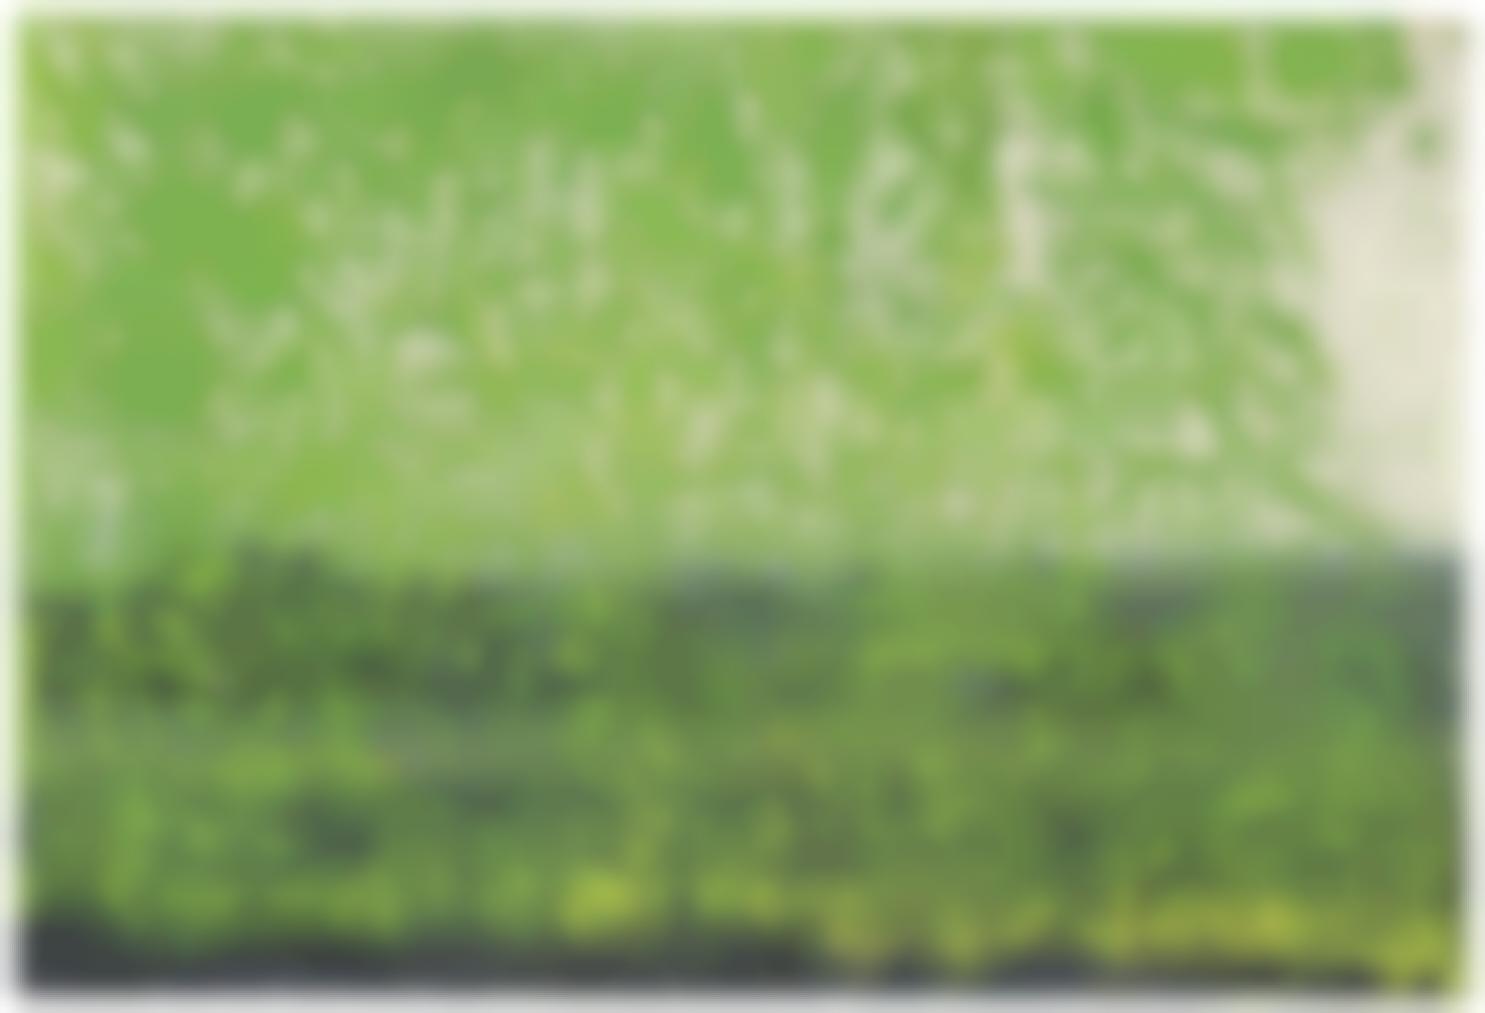 Gerhard Richter-Untitled (1.12.88)-1988